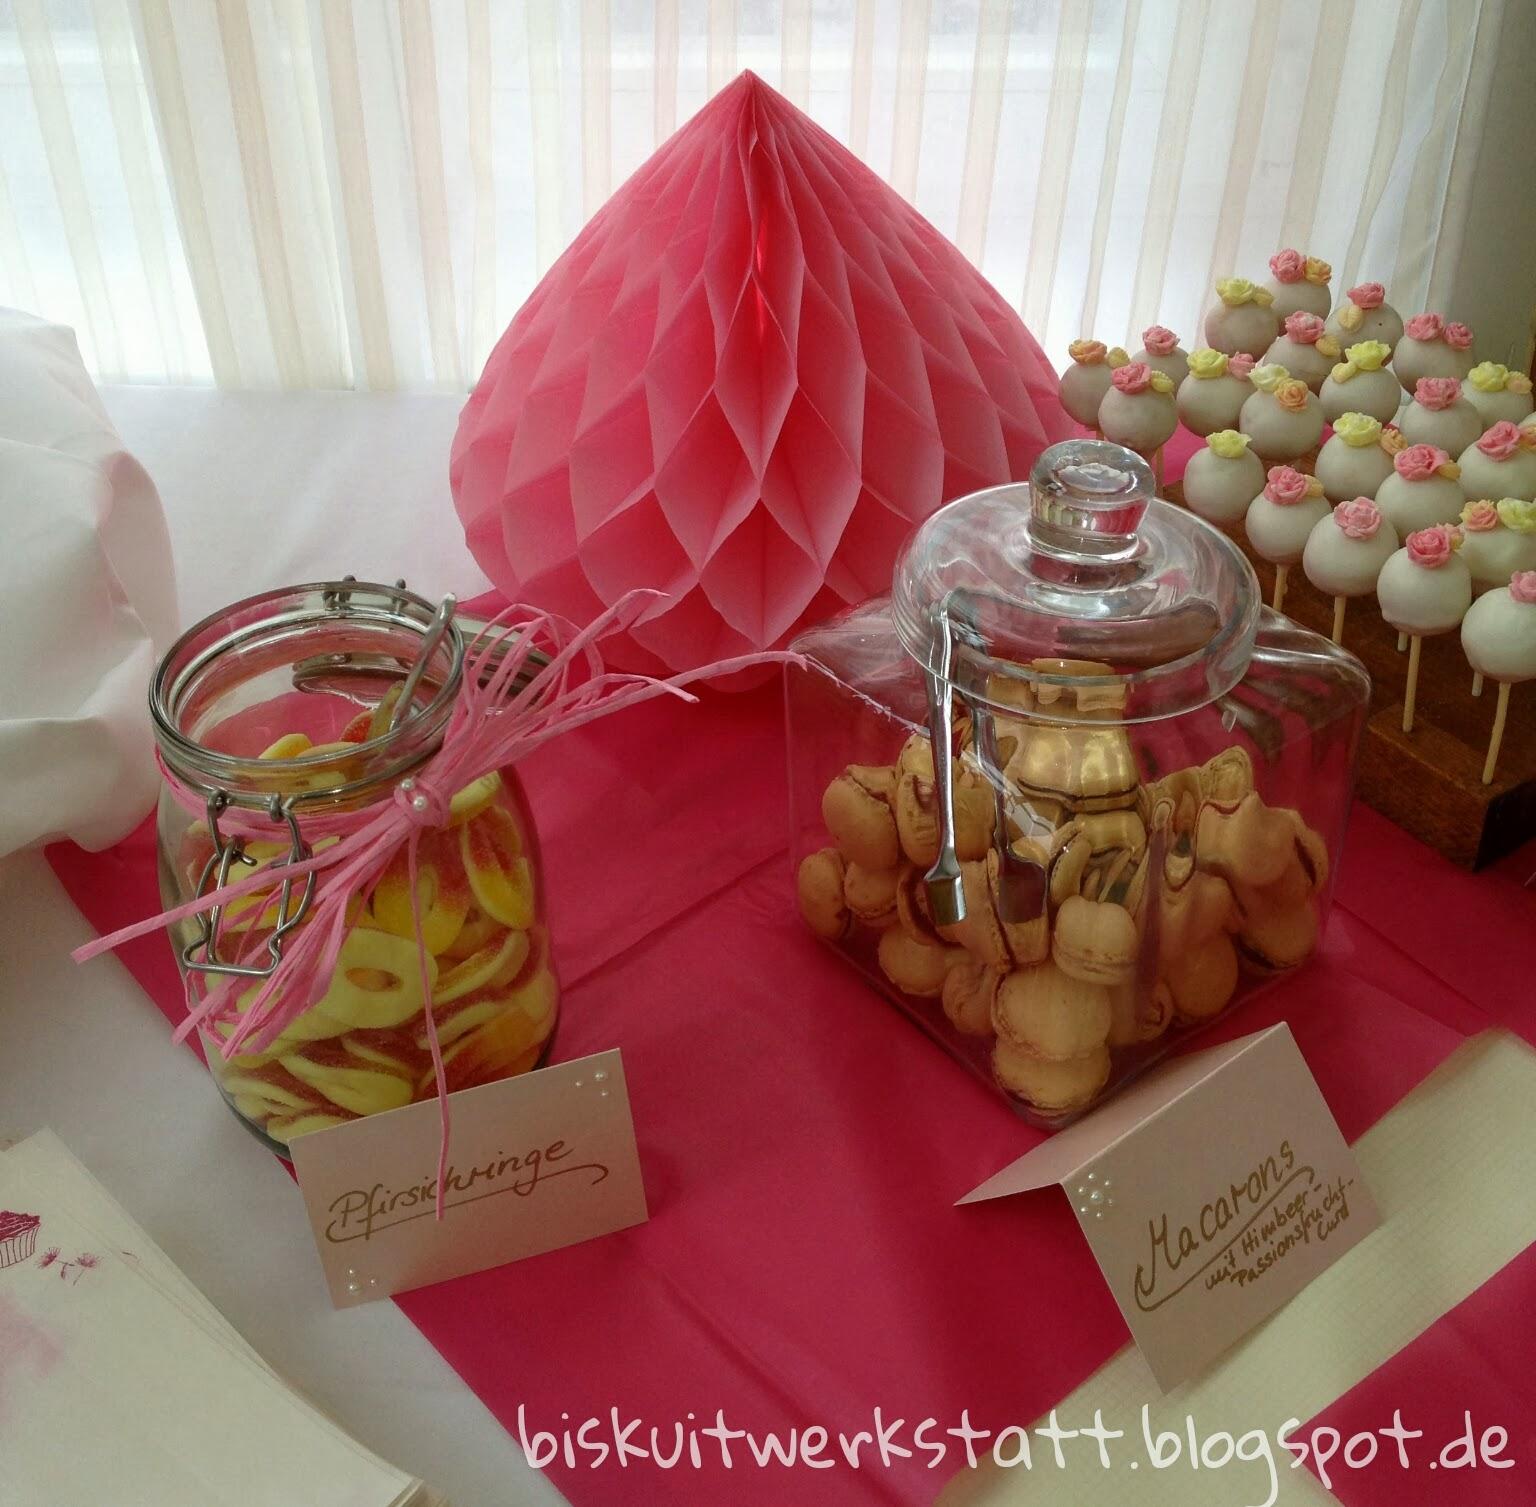 rosen cake pops und hochzeits sweet table in rosa biskuitwerkstatt. Black Bedroom Furniture Sets. Home Design Ideas